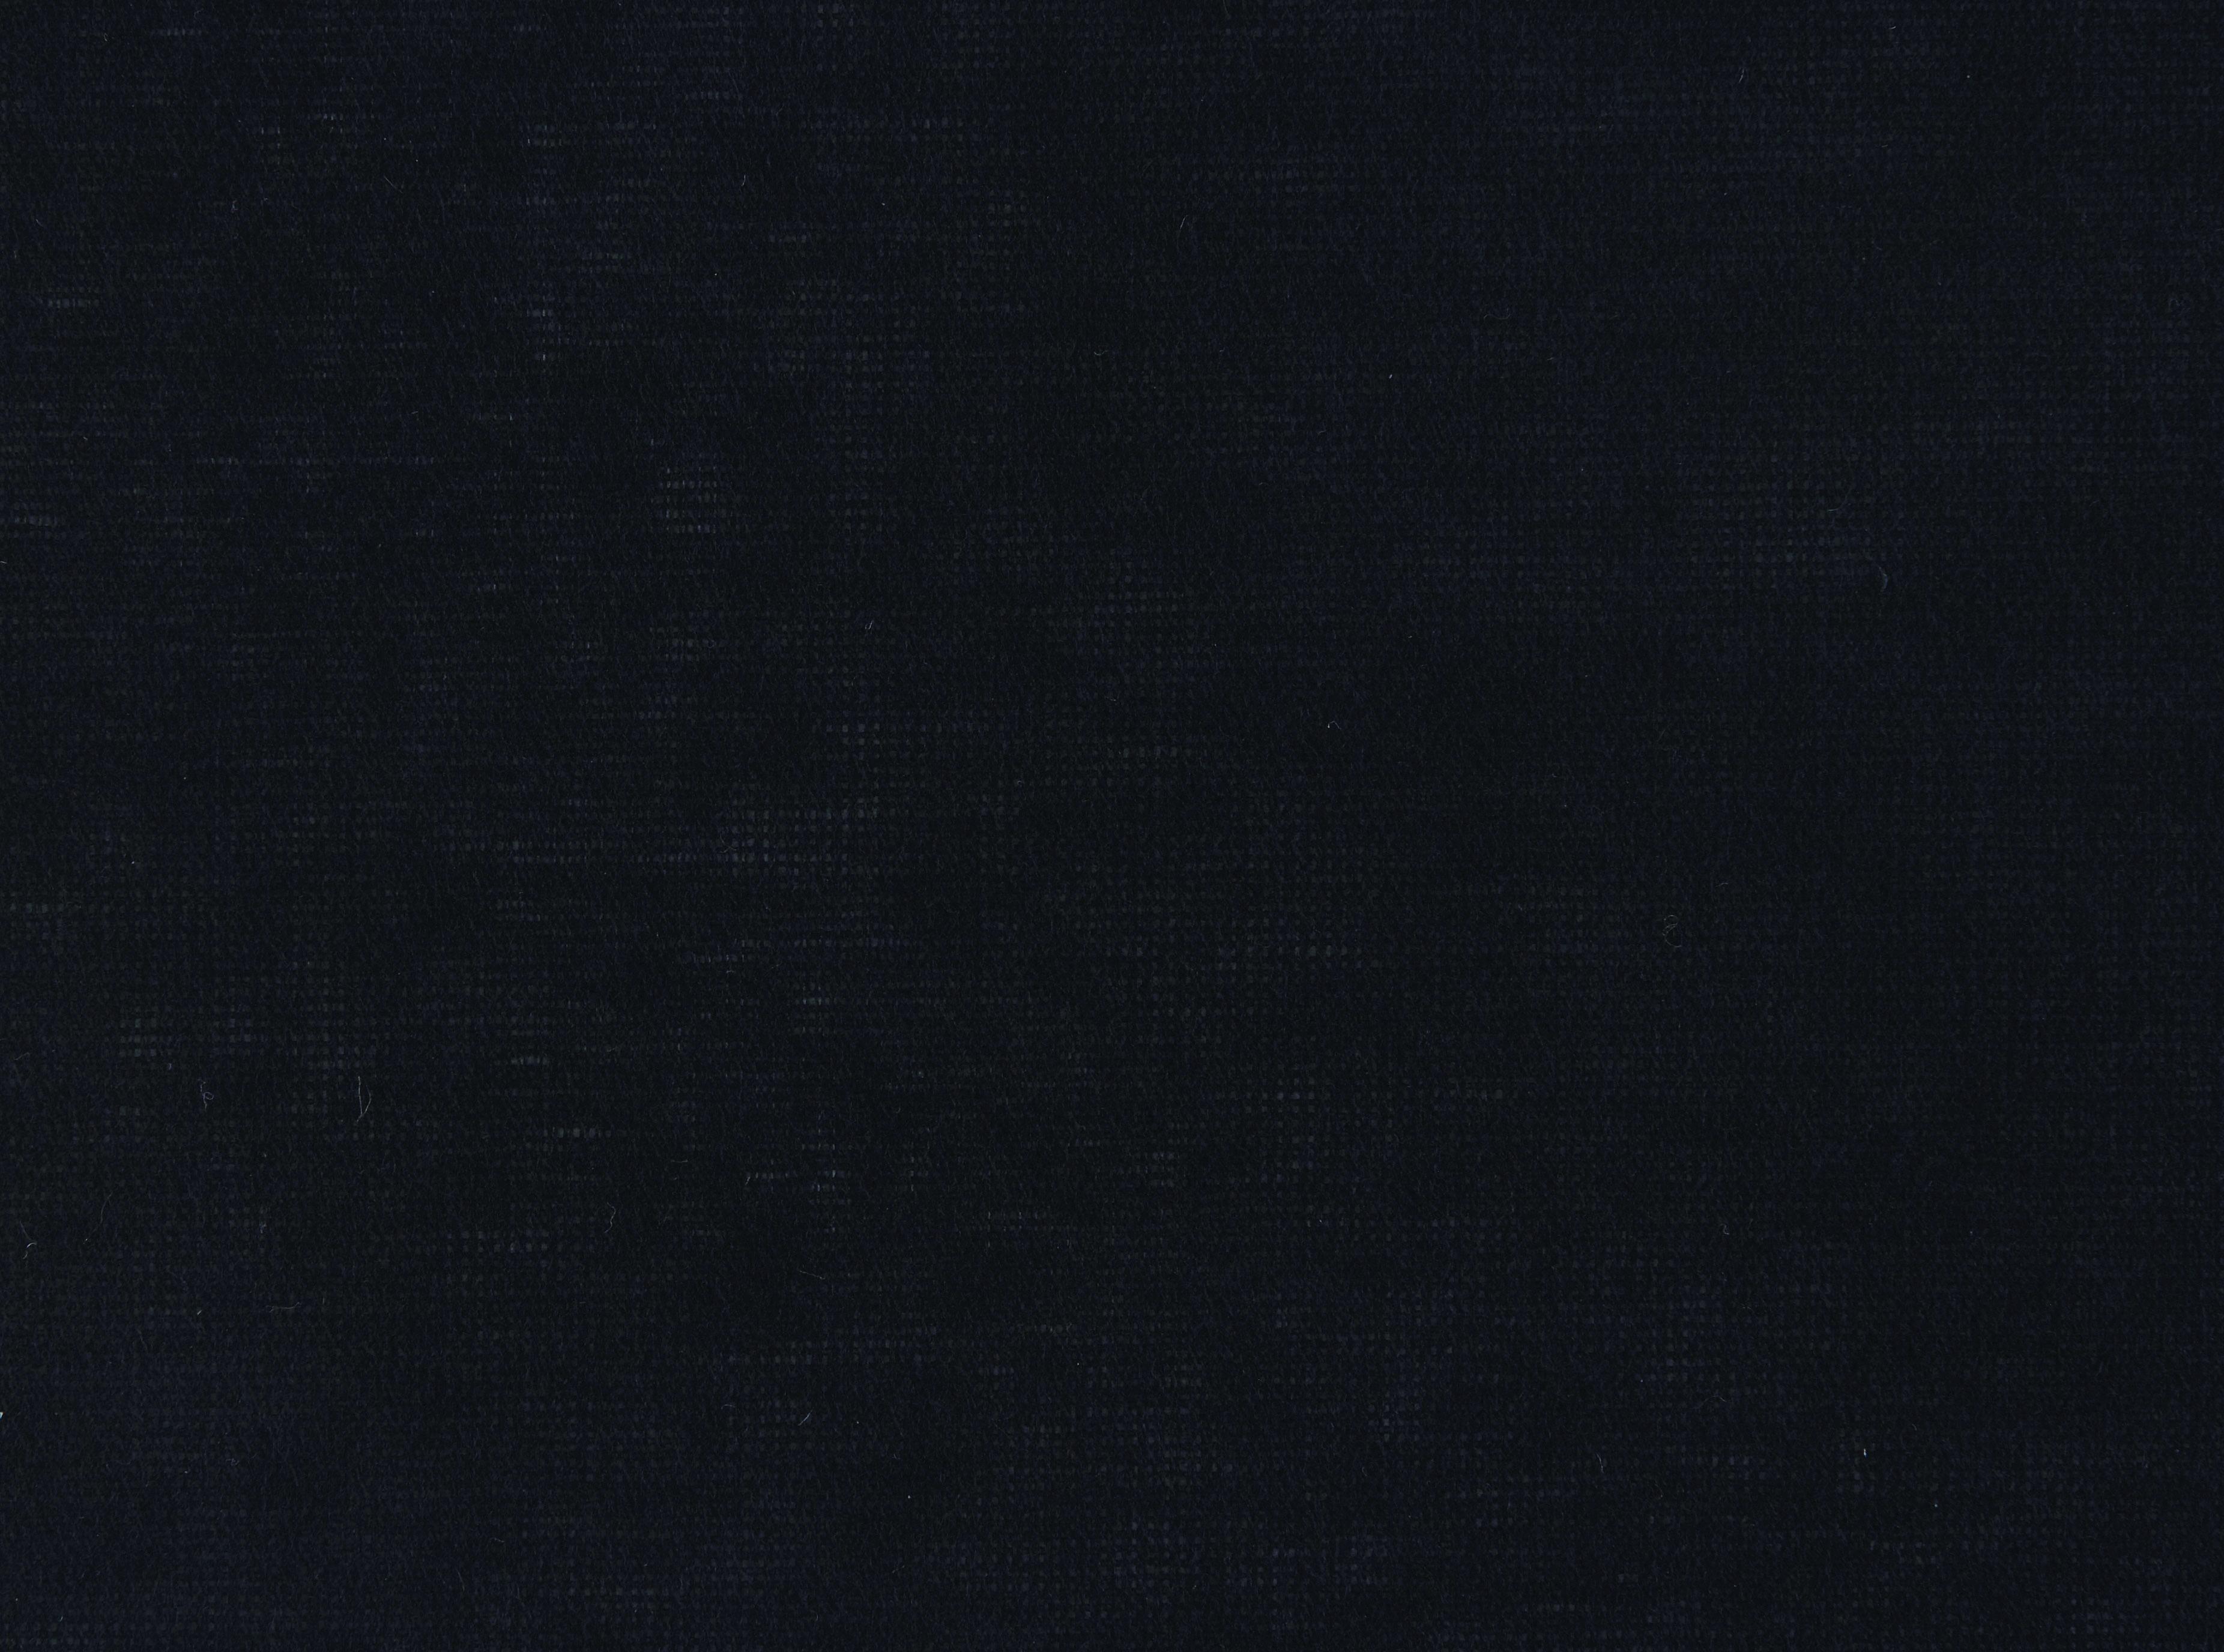 Acoustic Transparent Black